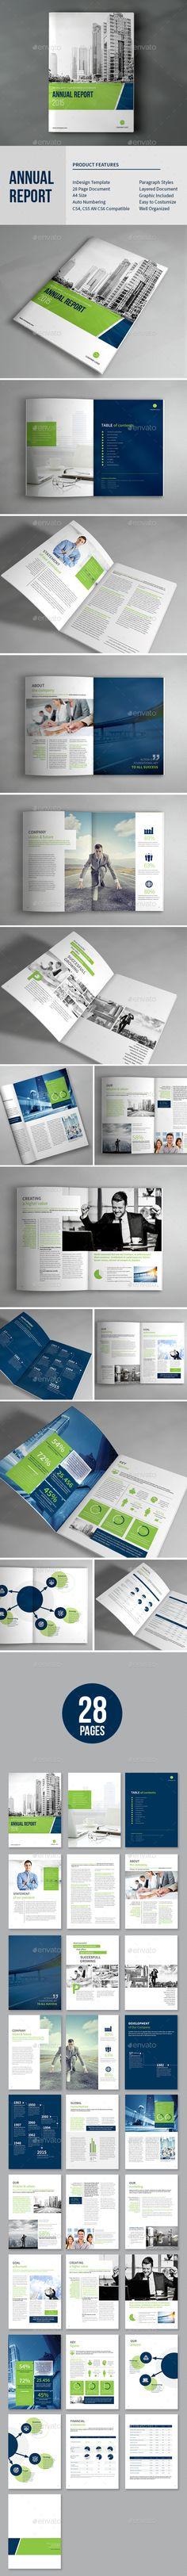 Annual Report Template Annual reports, Design layouts and Print - annual report template design